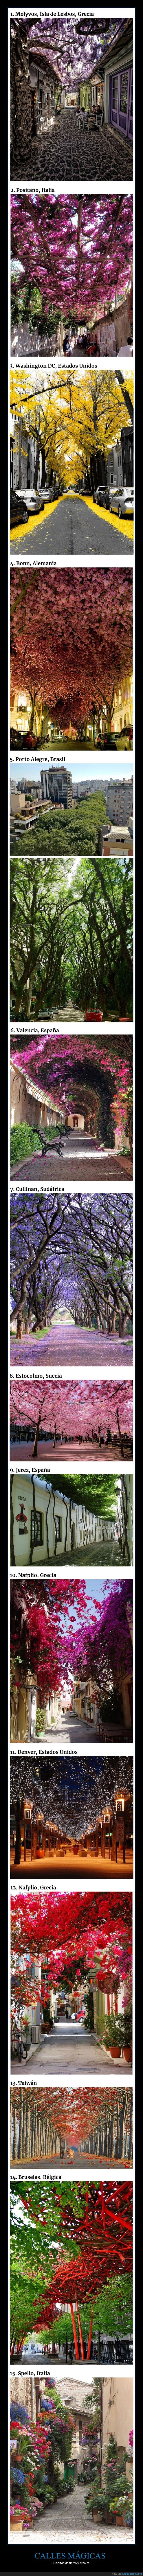 árboles,calles,flores